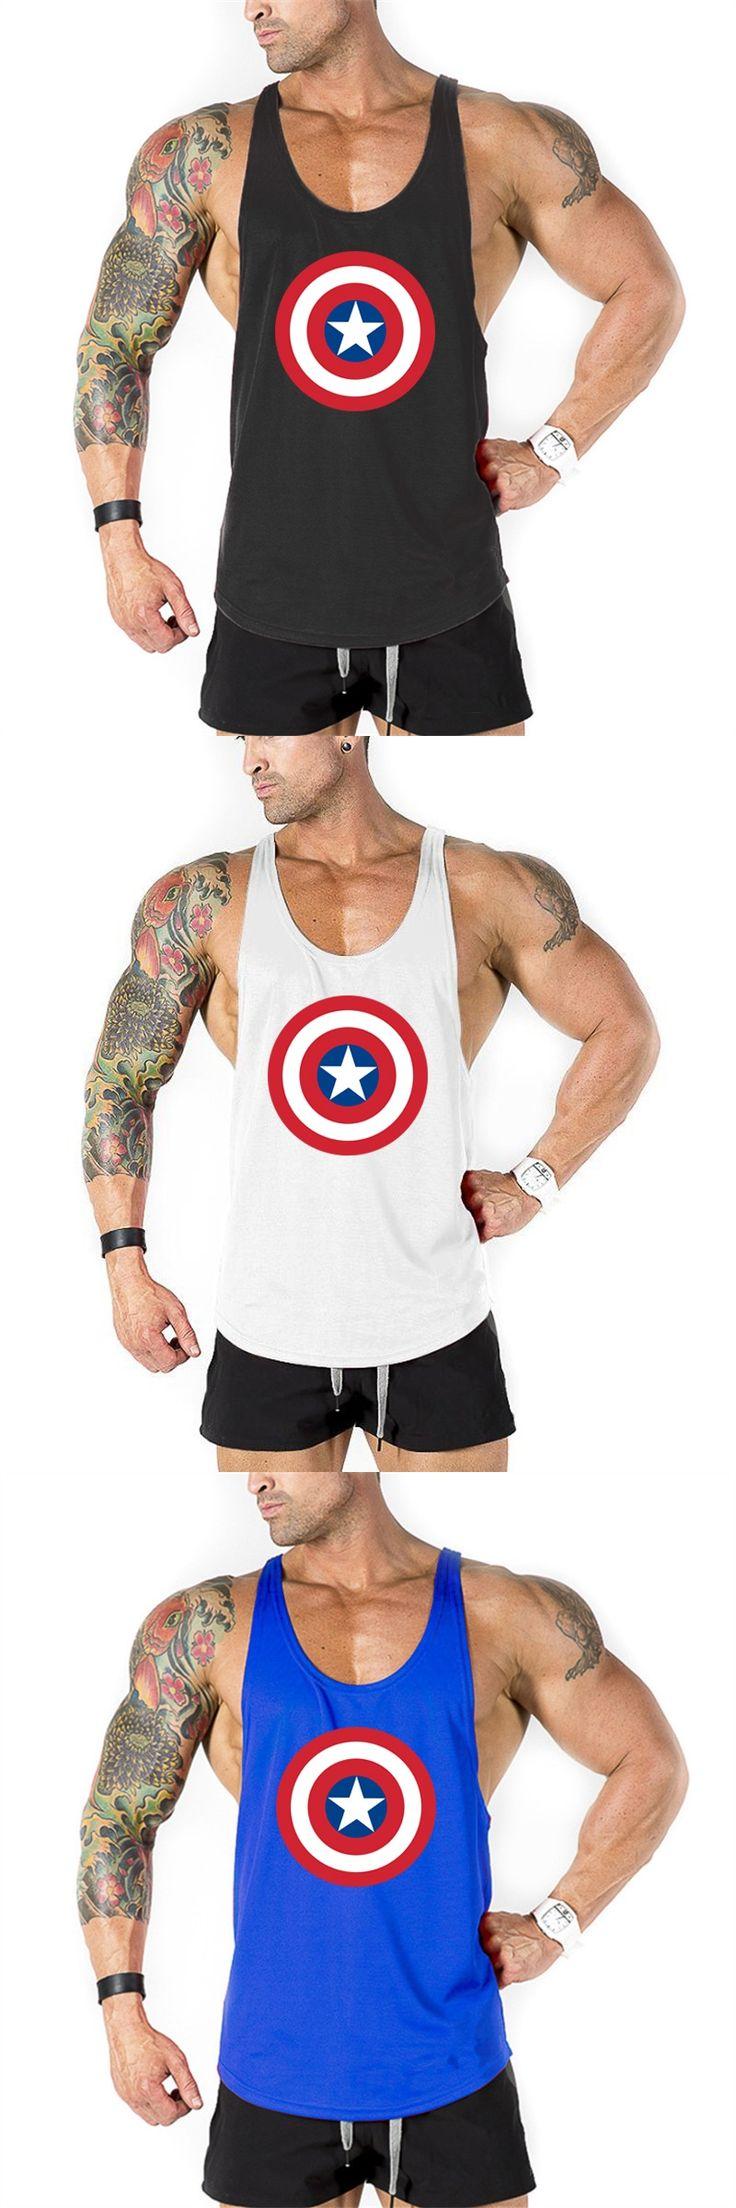 Brand Bodybuilding Clothing Captain America Gyms Stringer Tank Top Men Fitness Men Golds Vest Singlets sportswear Undershirt